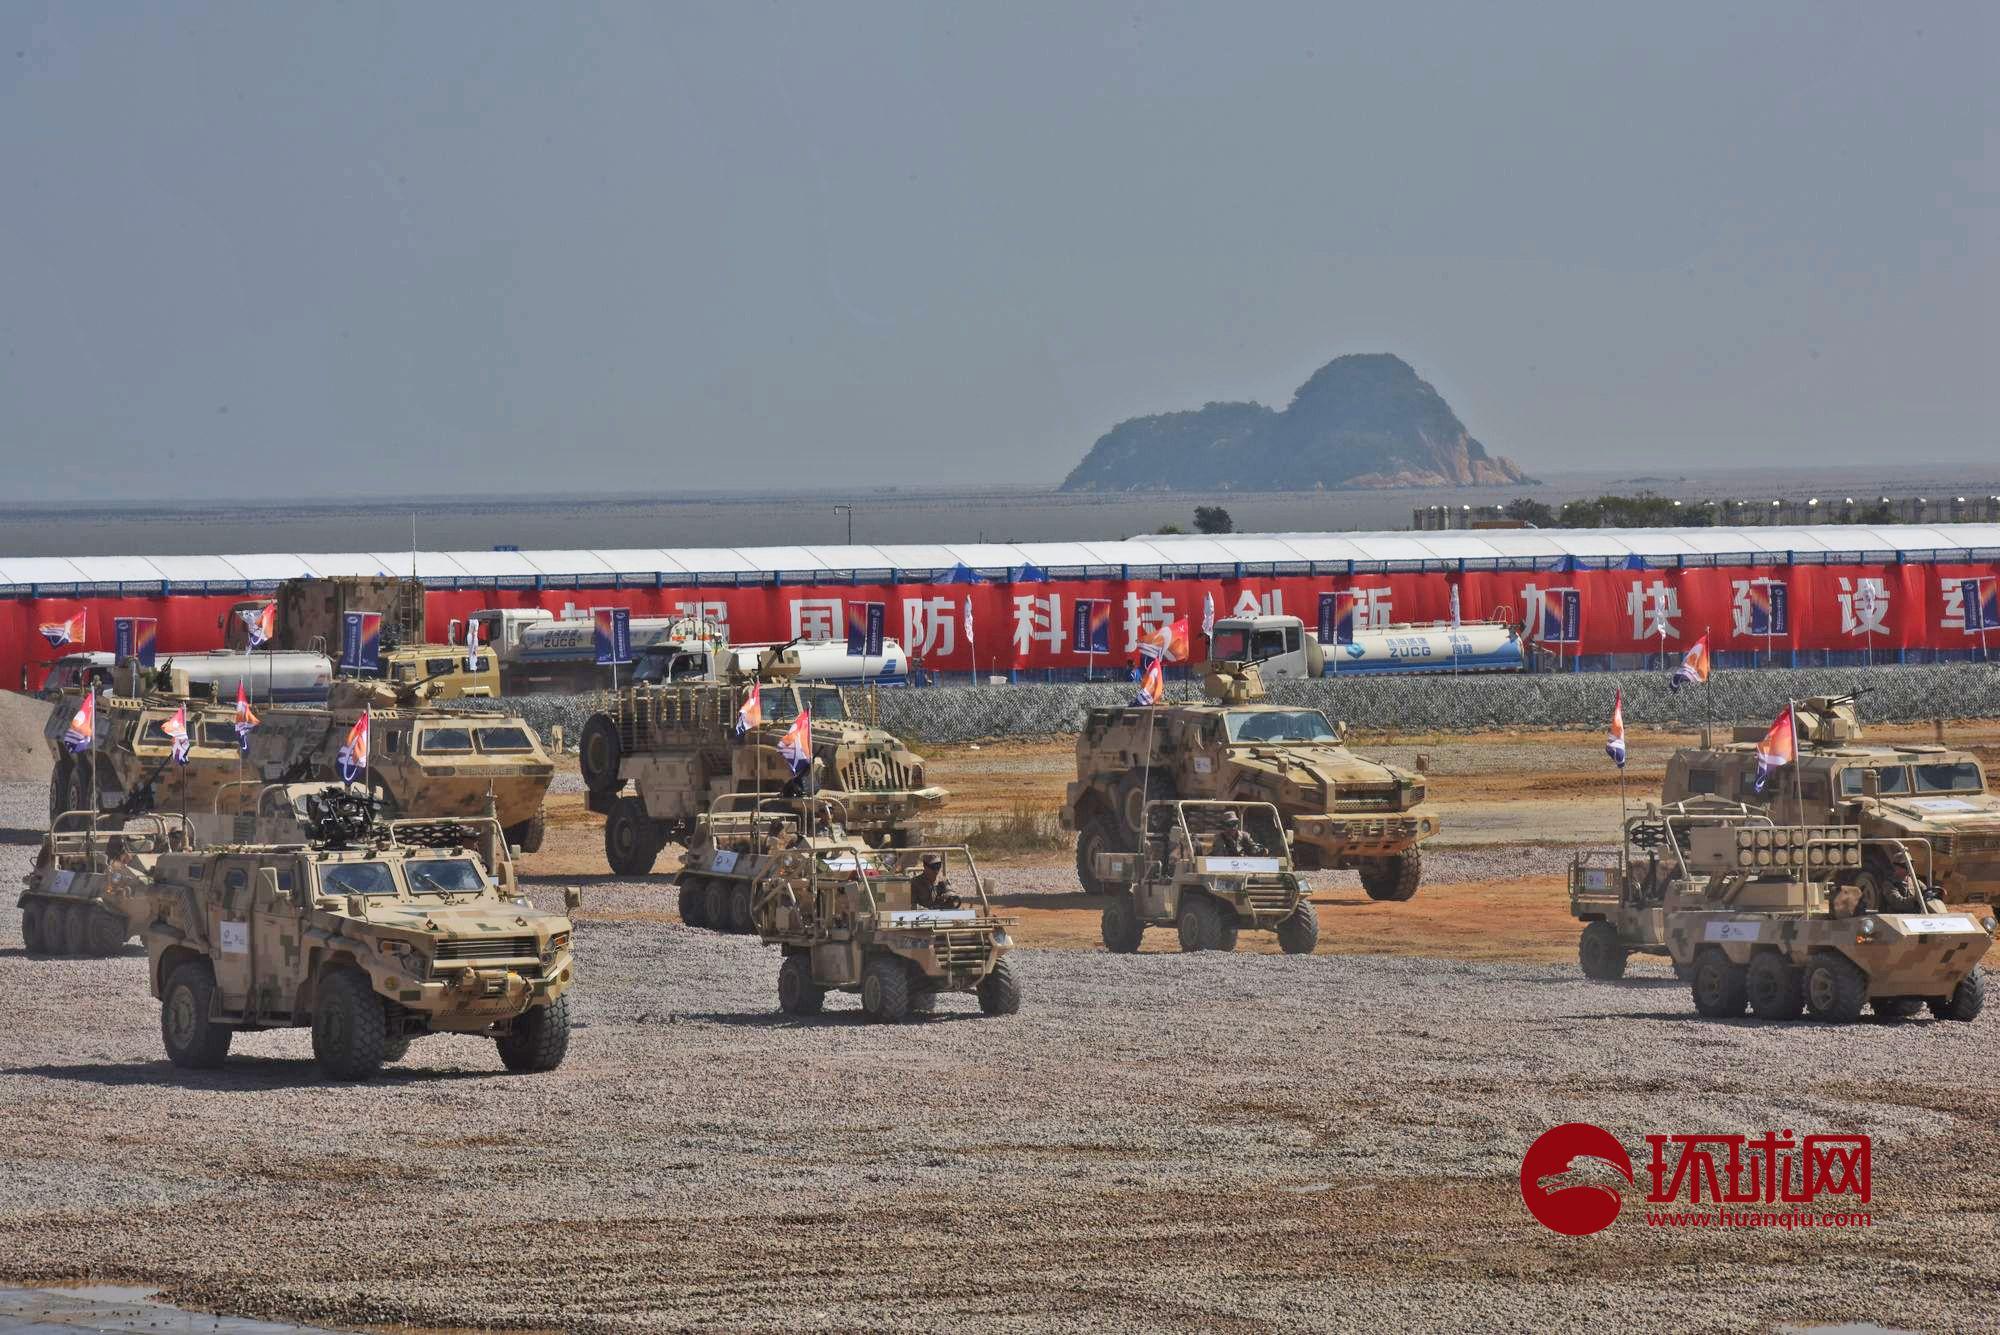 这画面如同战场:国产明星外贸坦克在航展彪悍展示